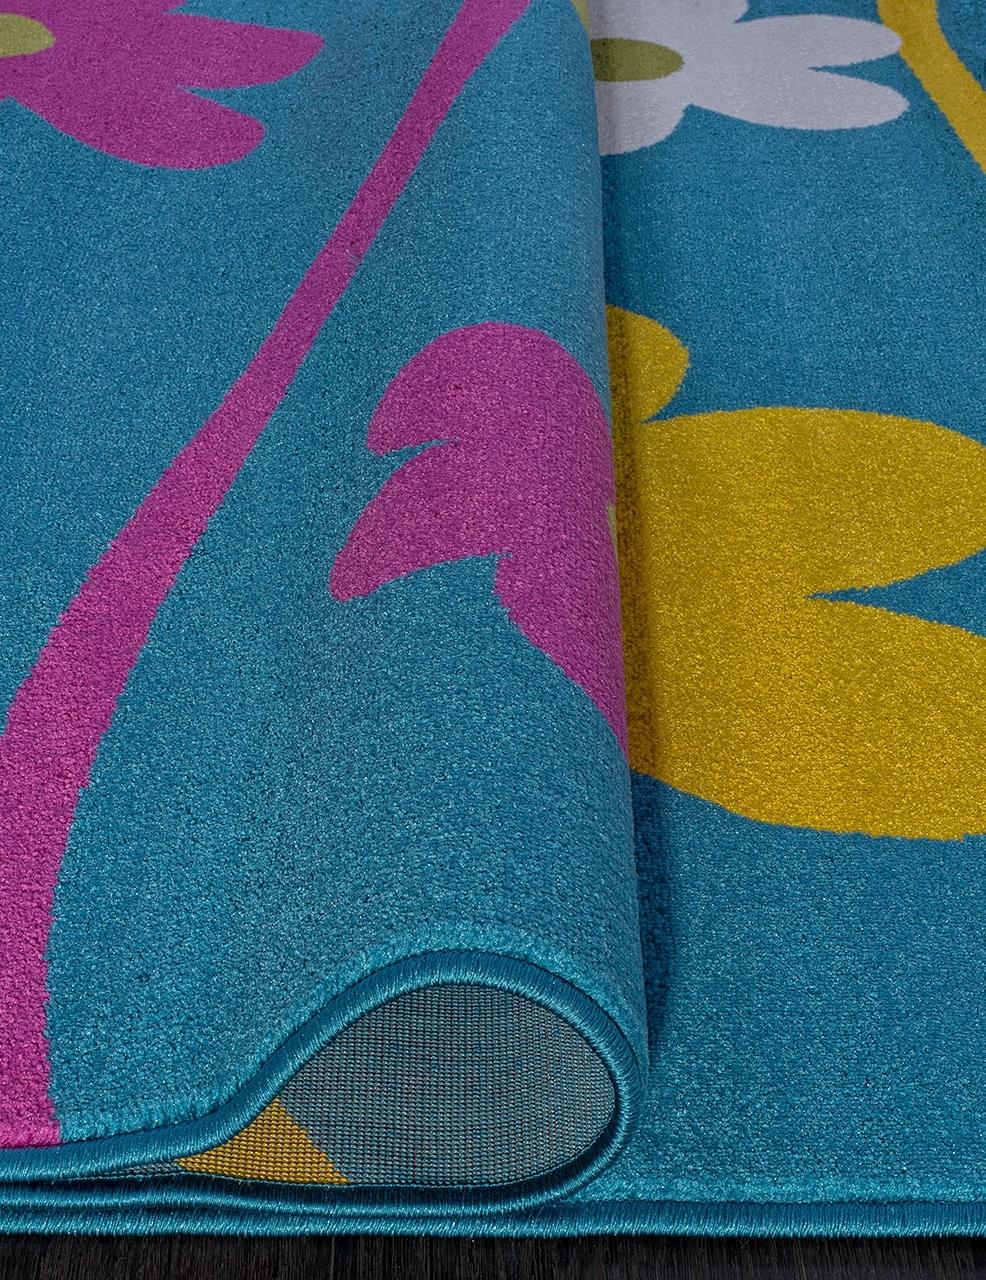 Ковер 1021 - BLUE - Прямоугольник - коллекция CRYSTAL - фото 3